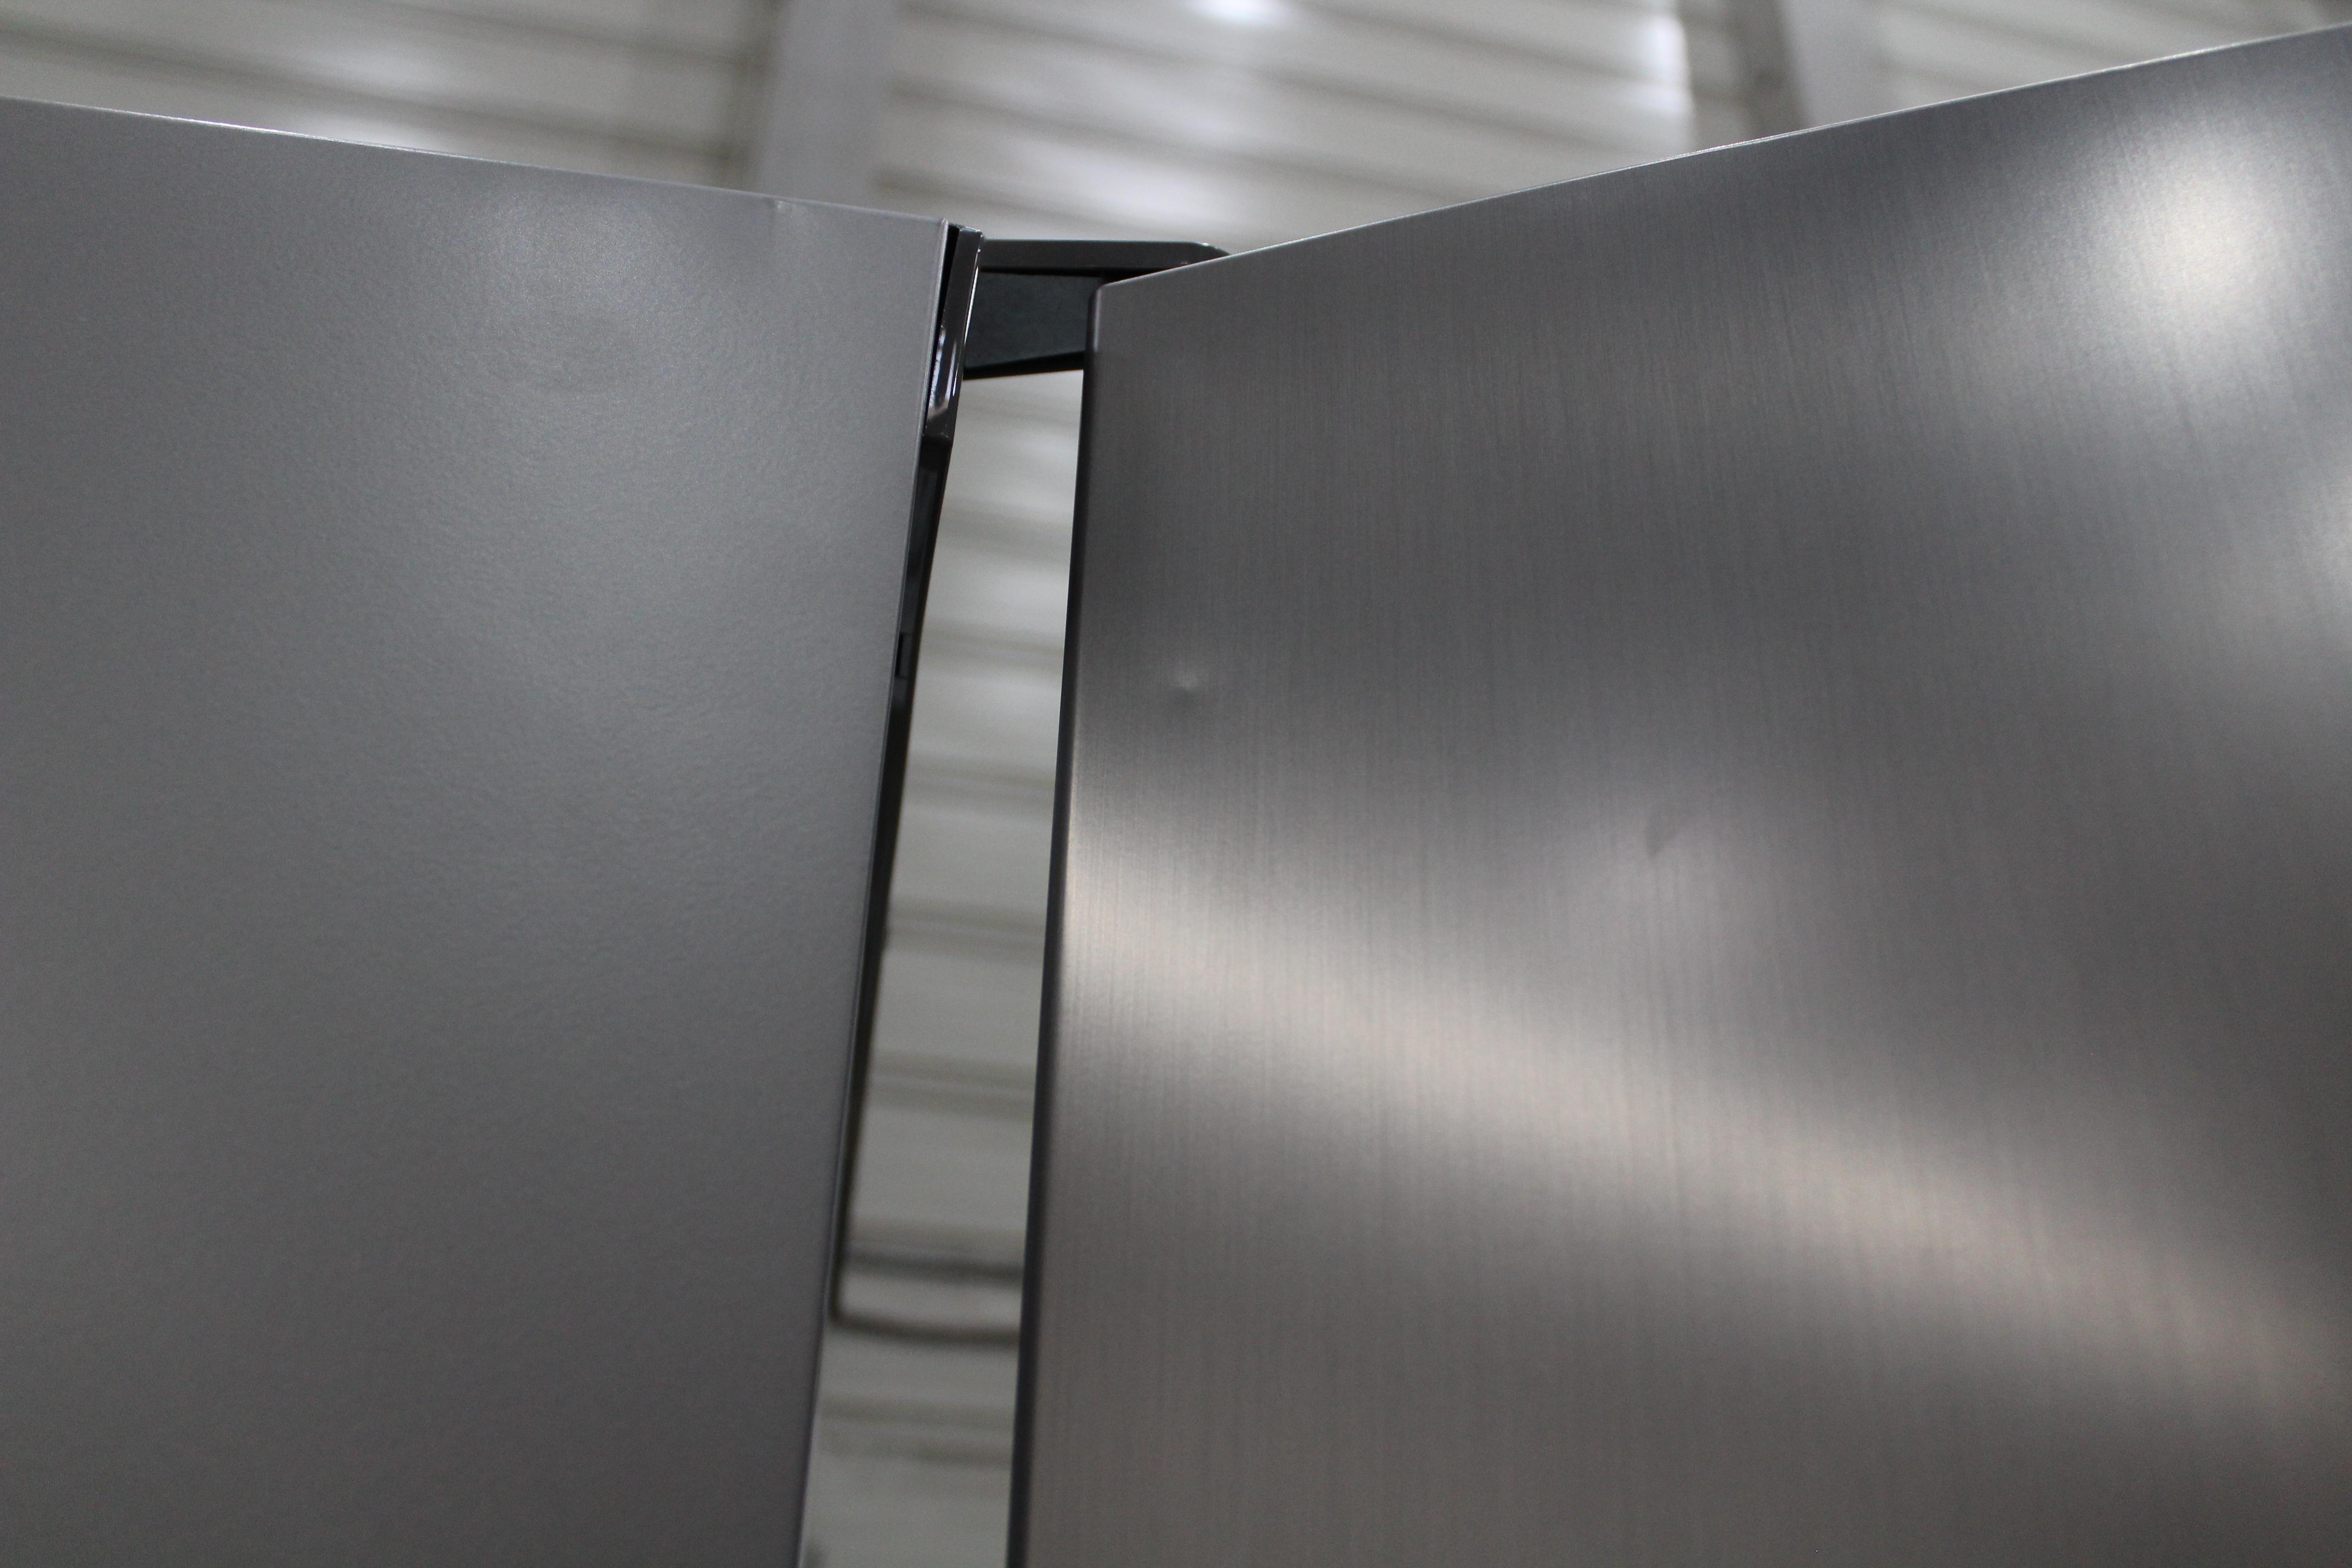 Siemens Kühlschrank Kg36vvl32 : Siemens kg vvl kühlgefrierkombination a kwh jahr mm